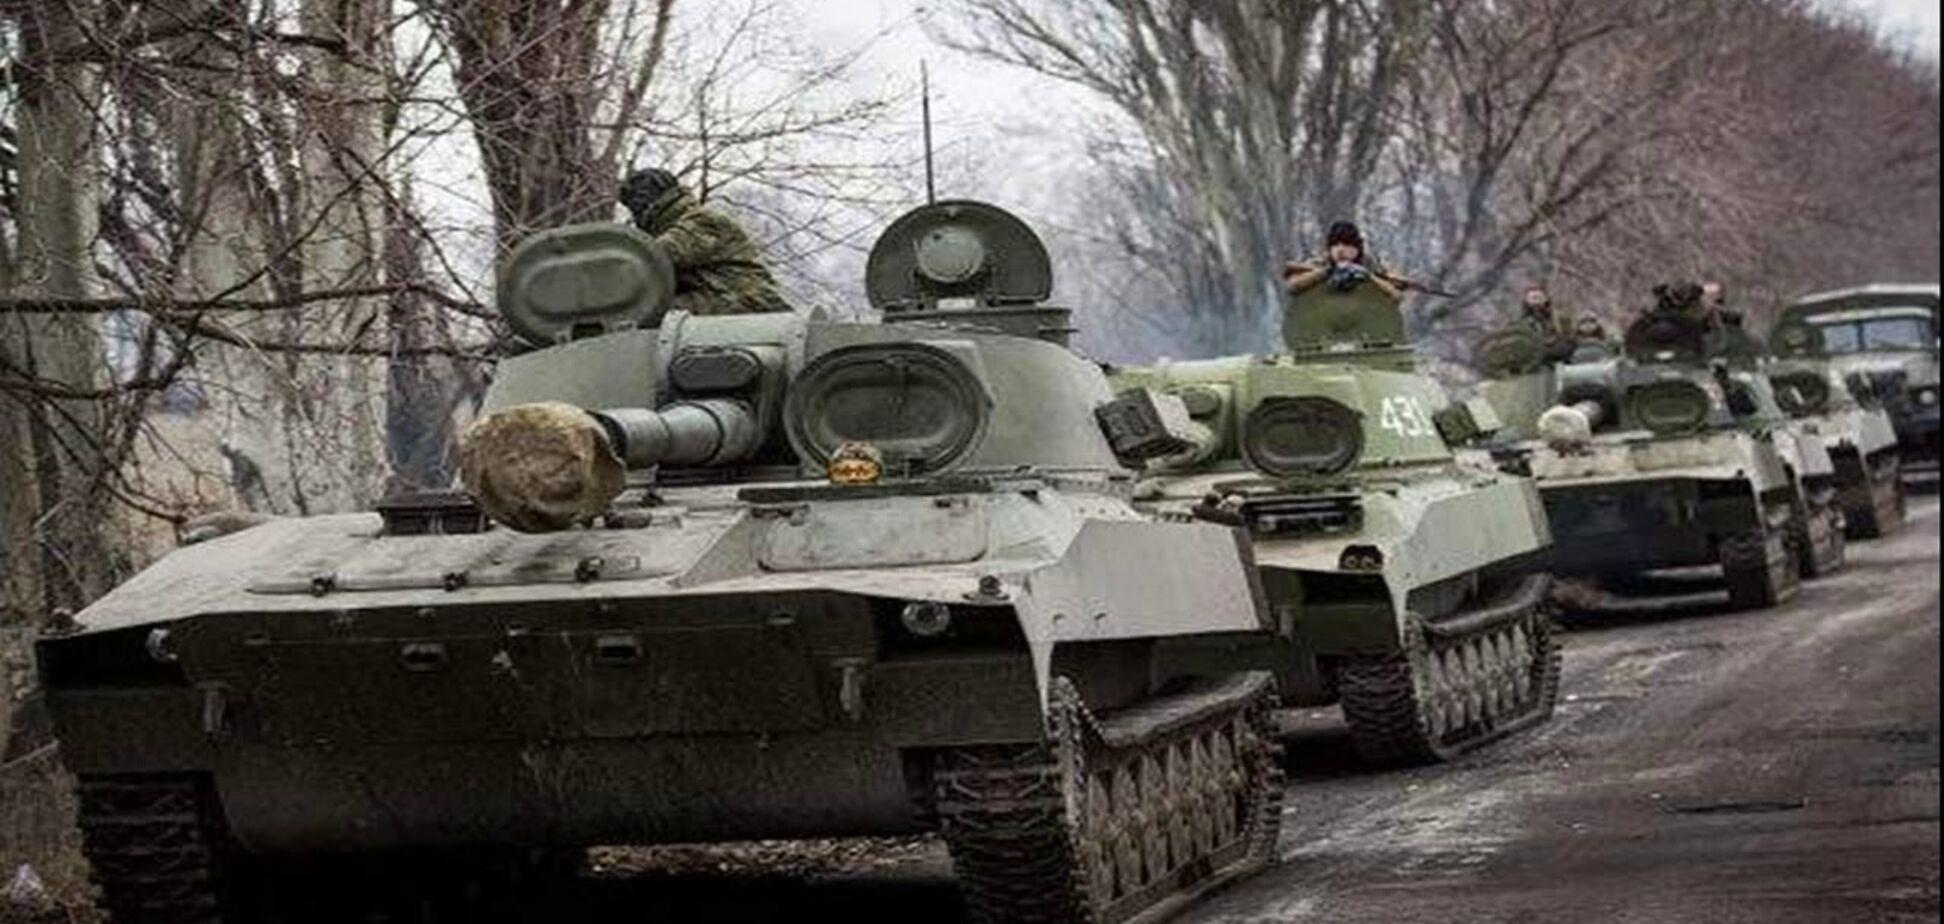 'Закапывать с размахом': назван жесткий способ вывода 'ихтамнетов' с Донбасса